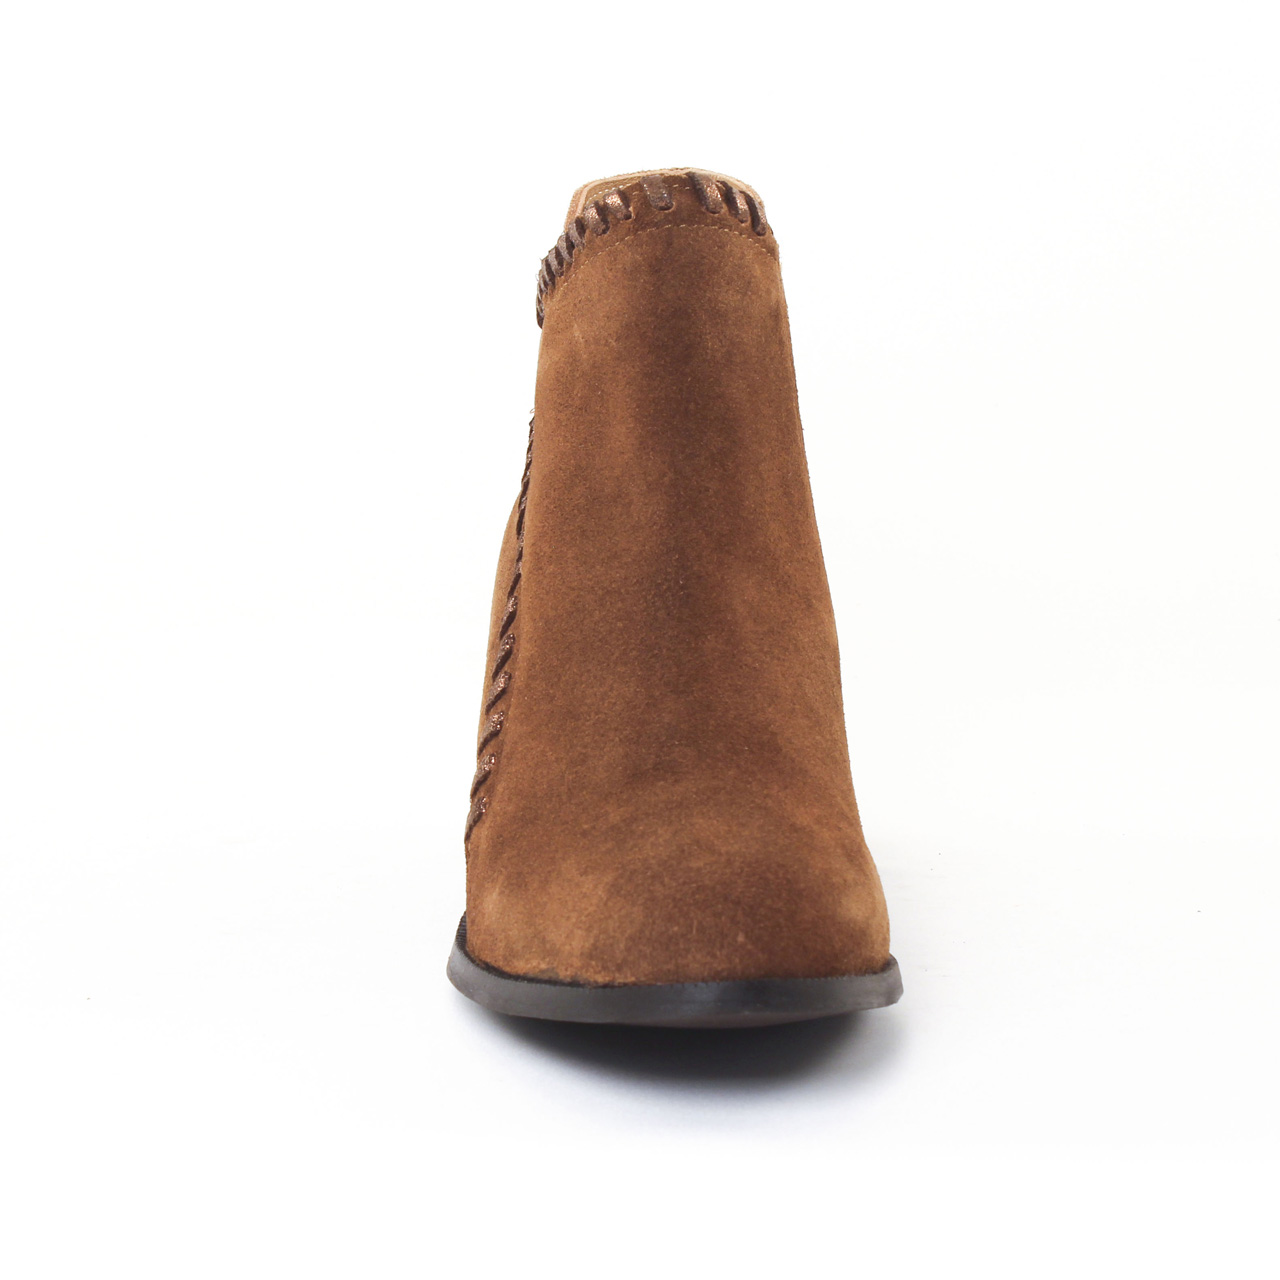 les tropeziennes madrid marron | boot talon marron automne hiver